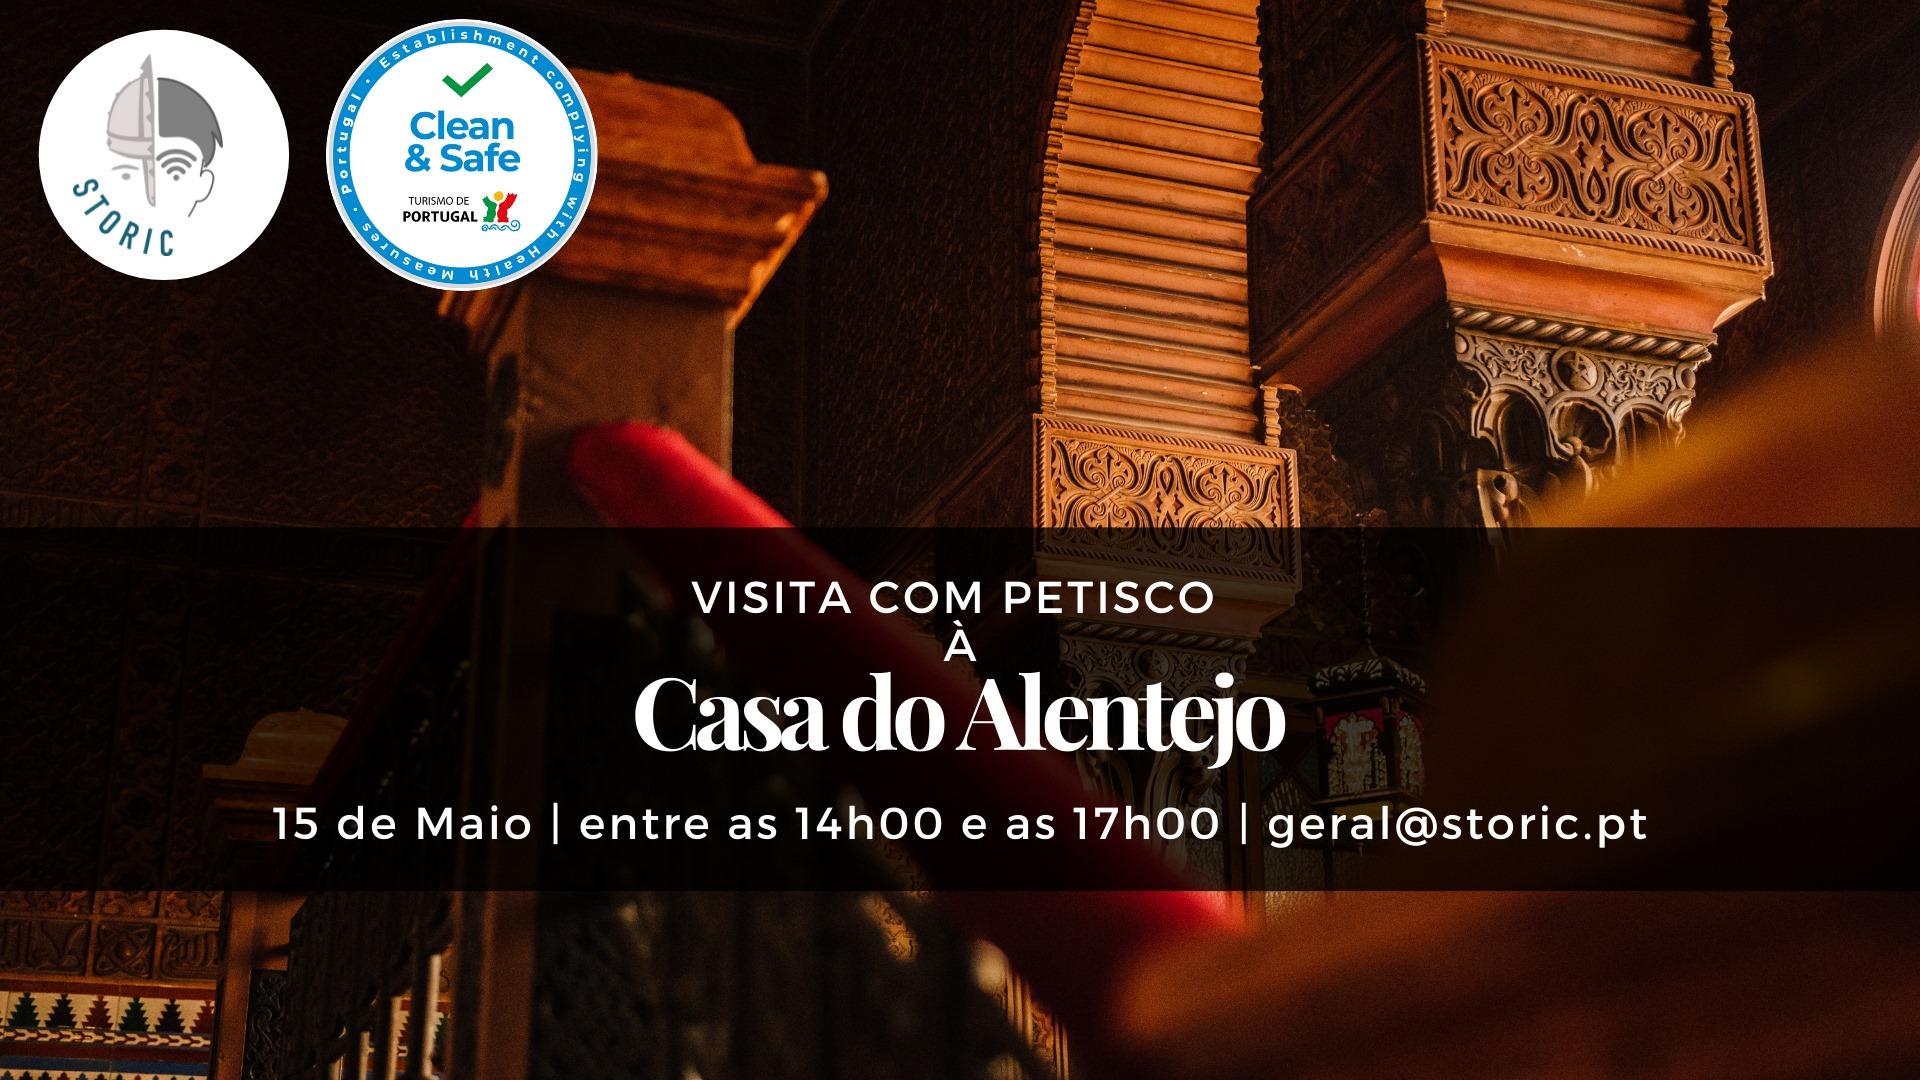 Visita com Petisco à Casa do Alentejo